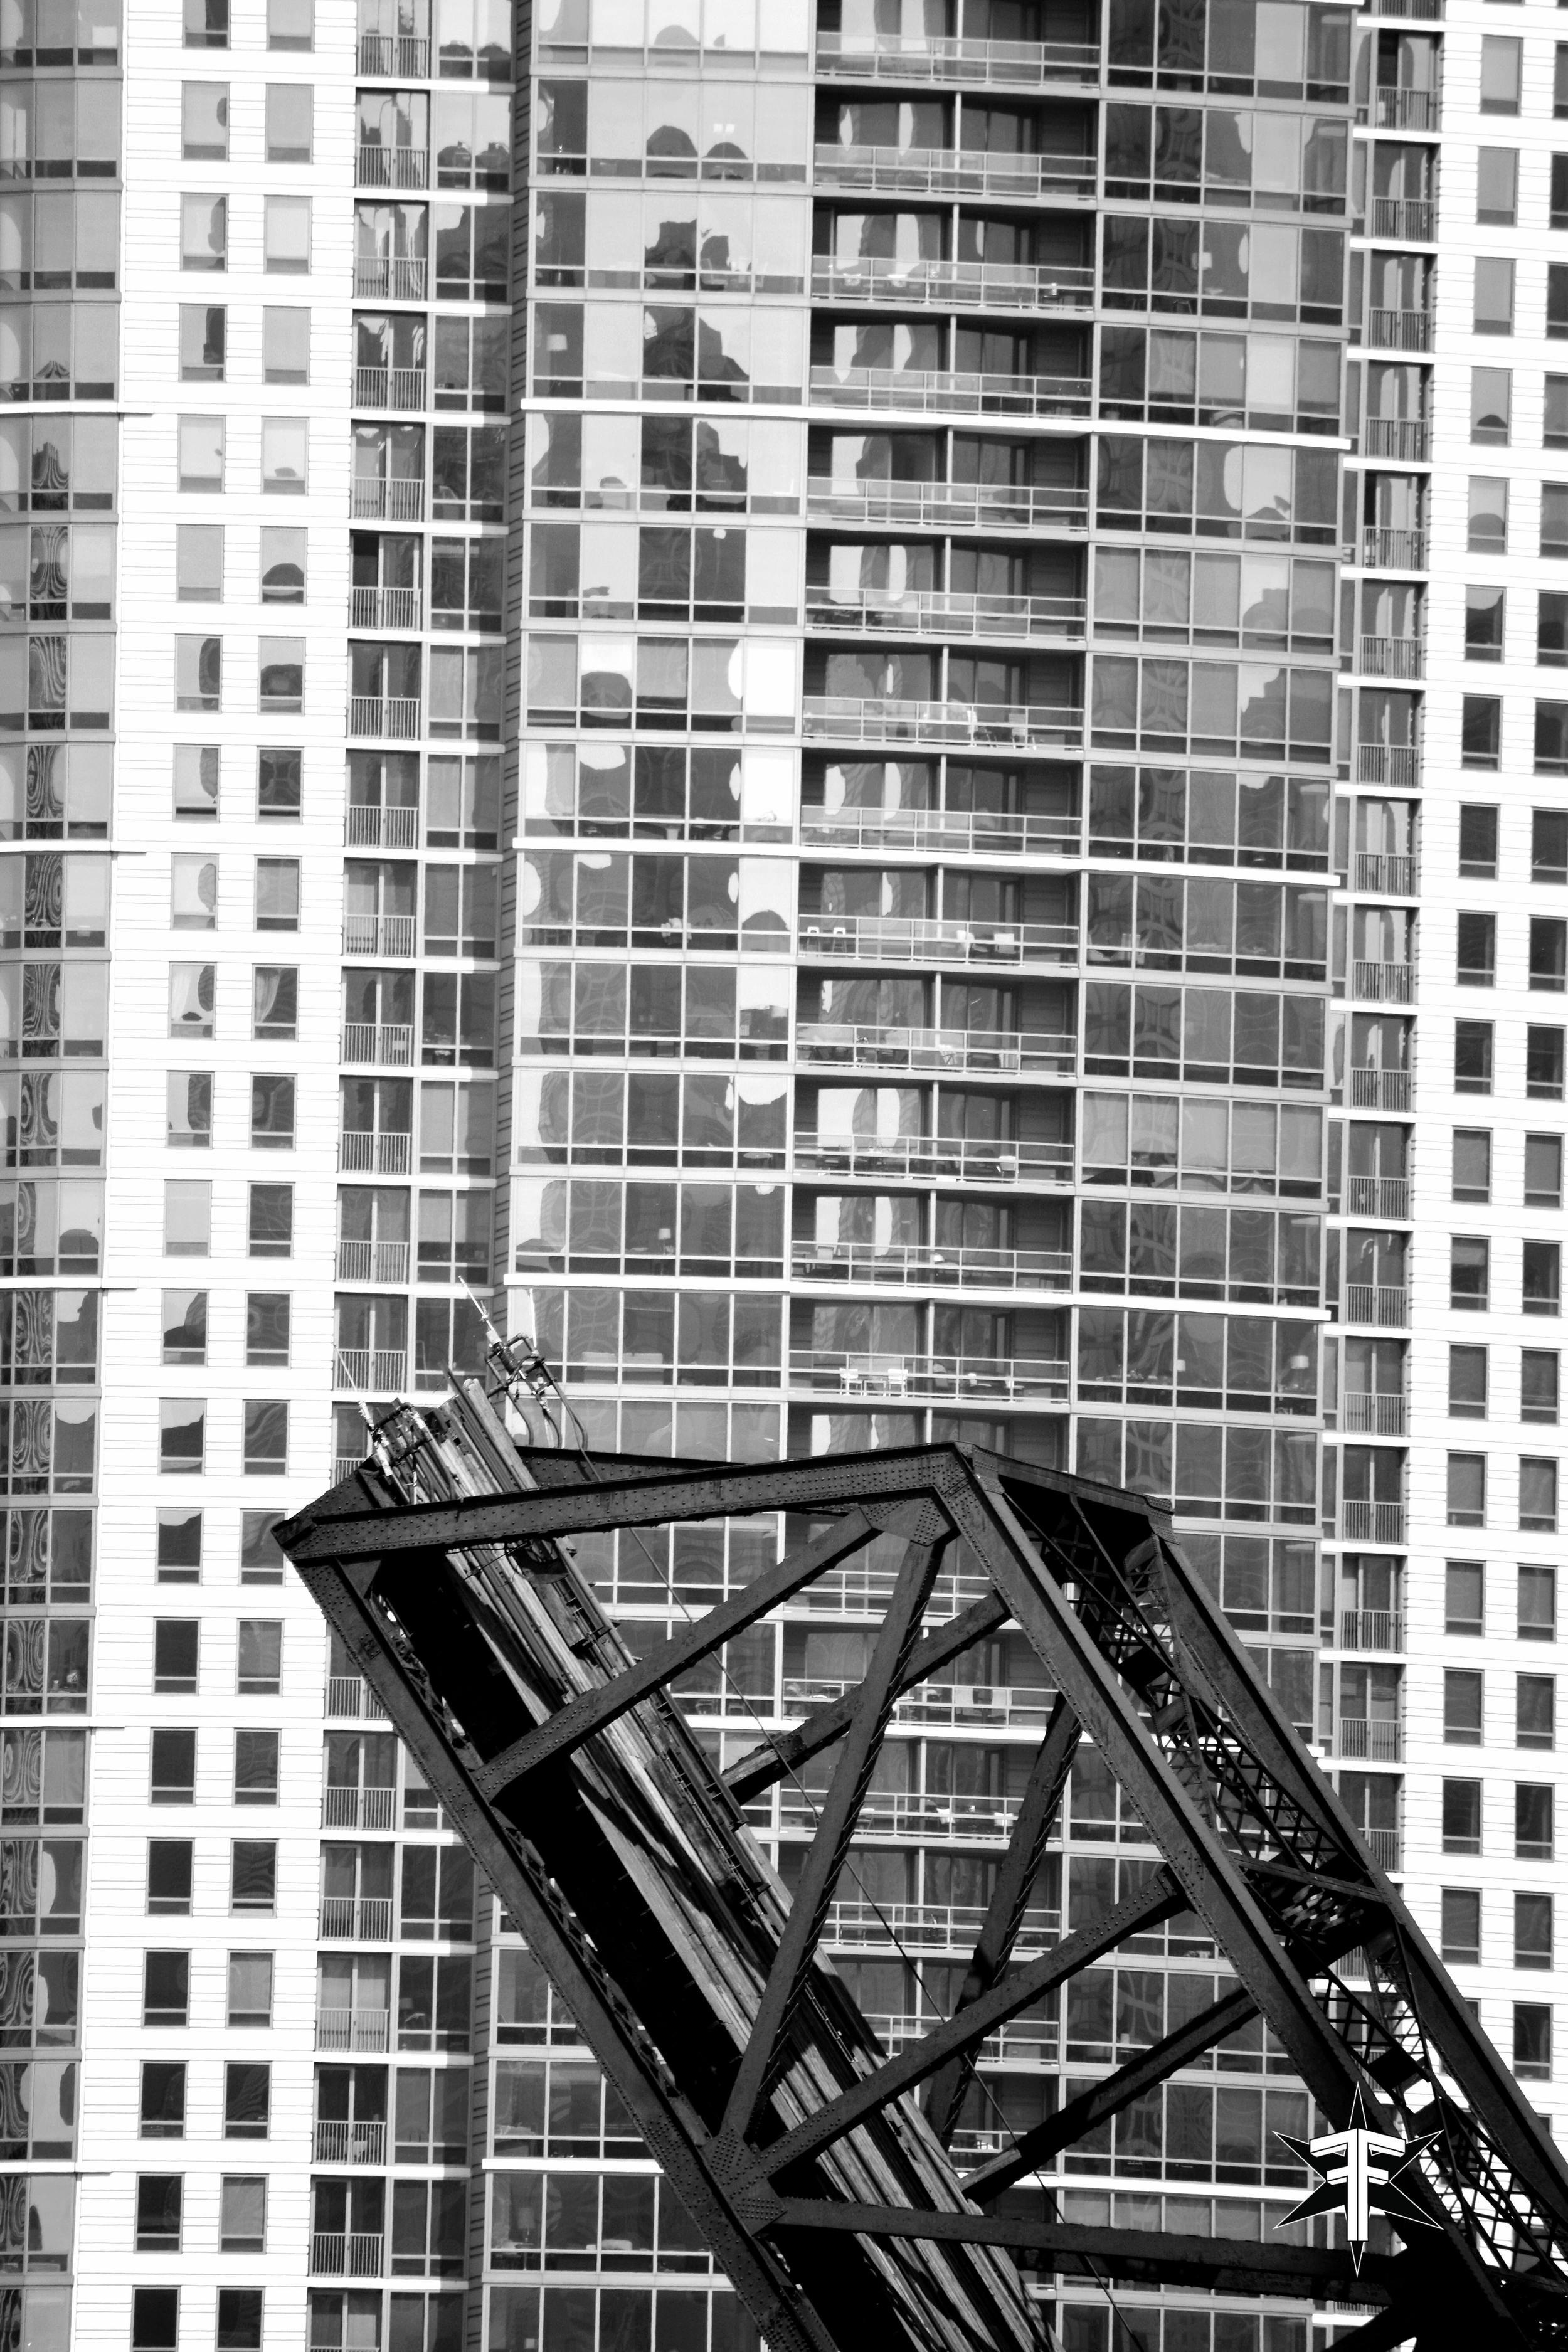 chicago architecture eric formato photography design arquitectura architettura buildings skyscraper skyscrapers-125.jpg